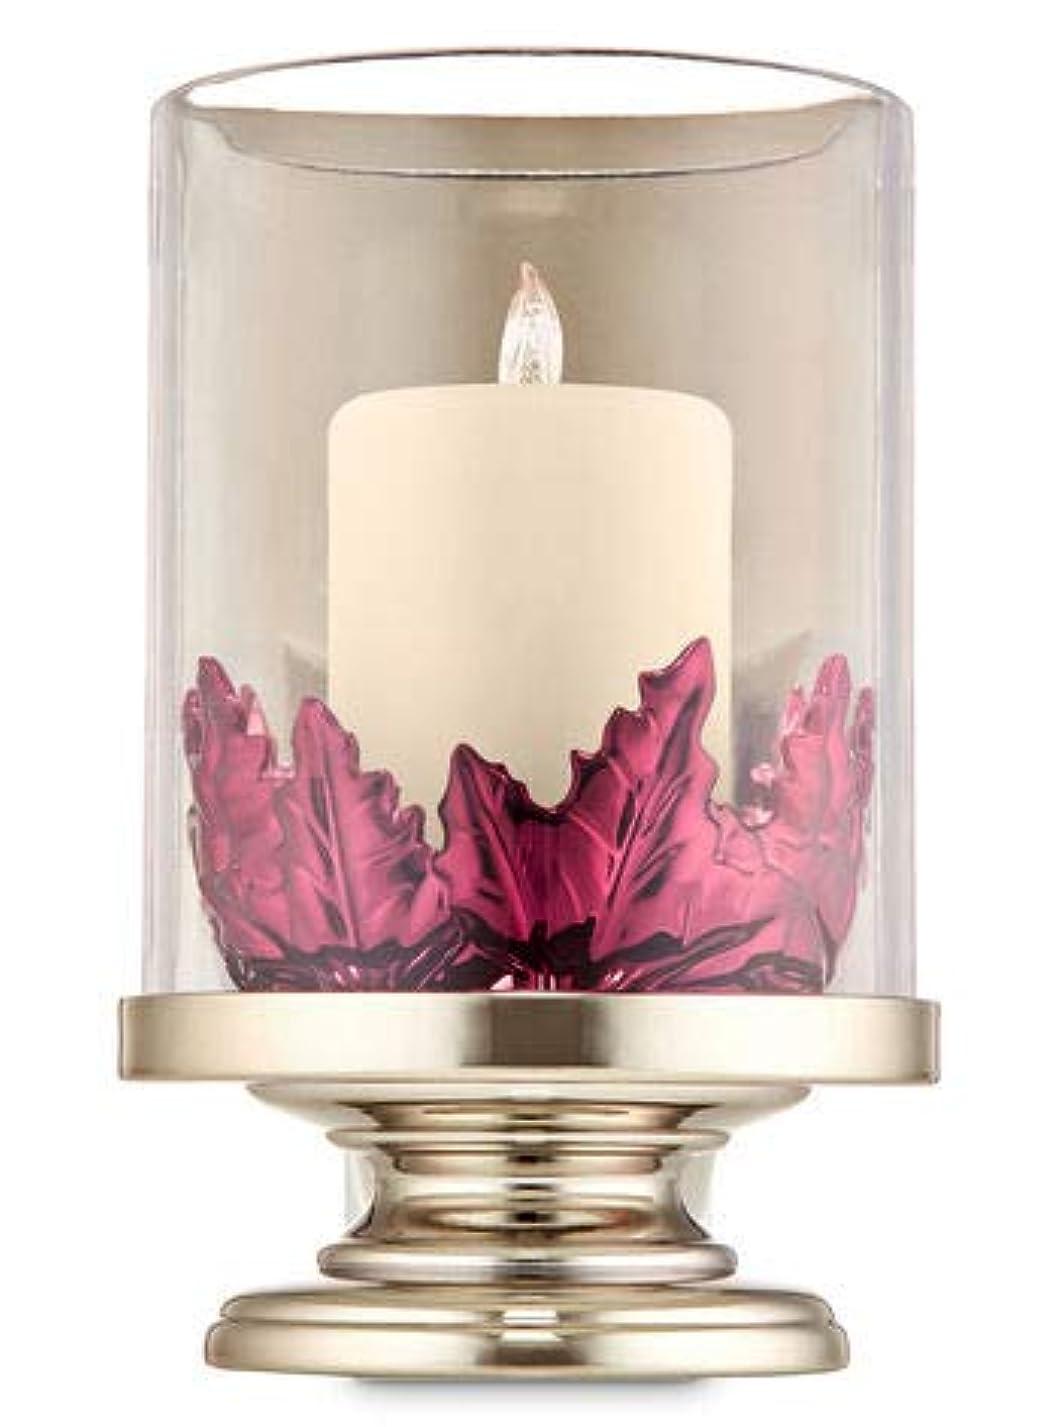 申し立てられた早く崇拝します【Bath&Body Works/バス&ボディワークス】 ルームフレグランス プラグインスターター (本体のみ) ピラーキャンドル with リーブス ナイトライト Wallflowers Fragrance Plug Pillar Candle with Leaves Night Light [並行輸入品]